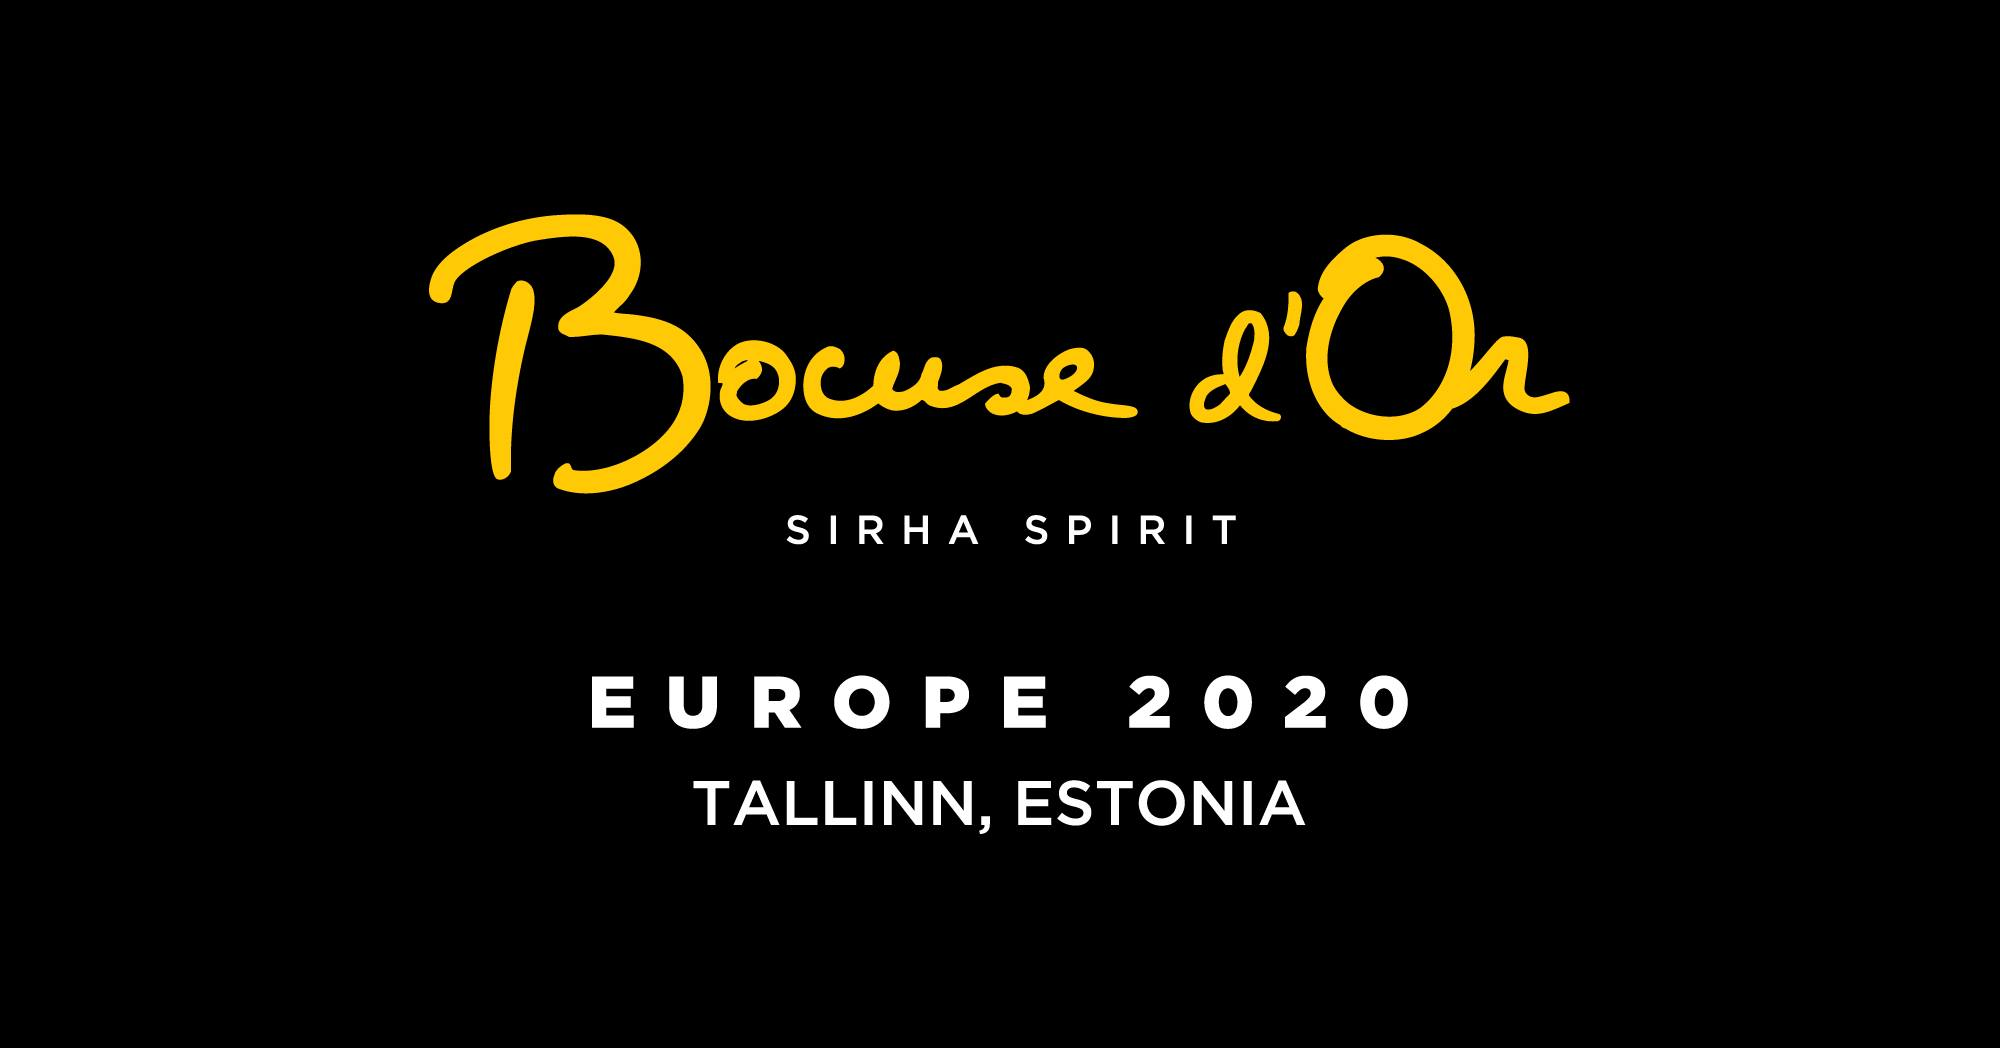 Egy hónappal később rendezik meg a Bocuse d'Or európai válogatóját